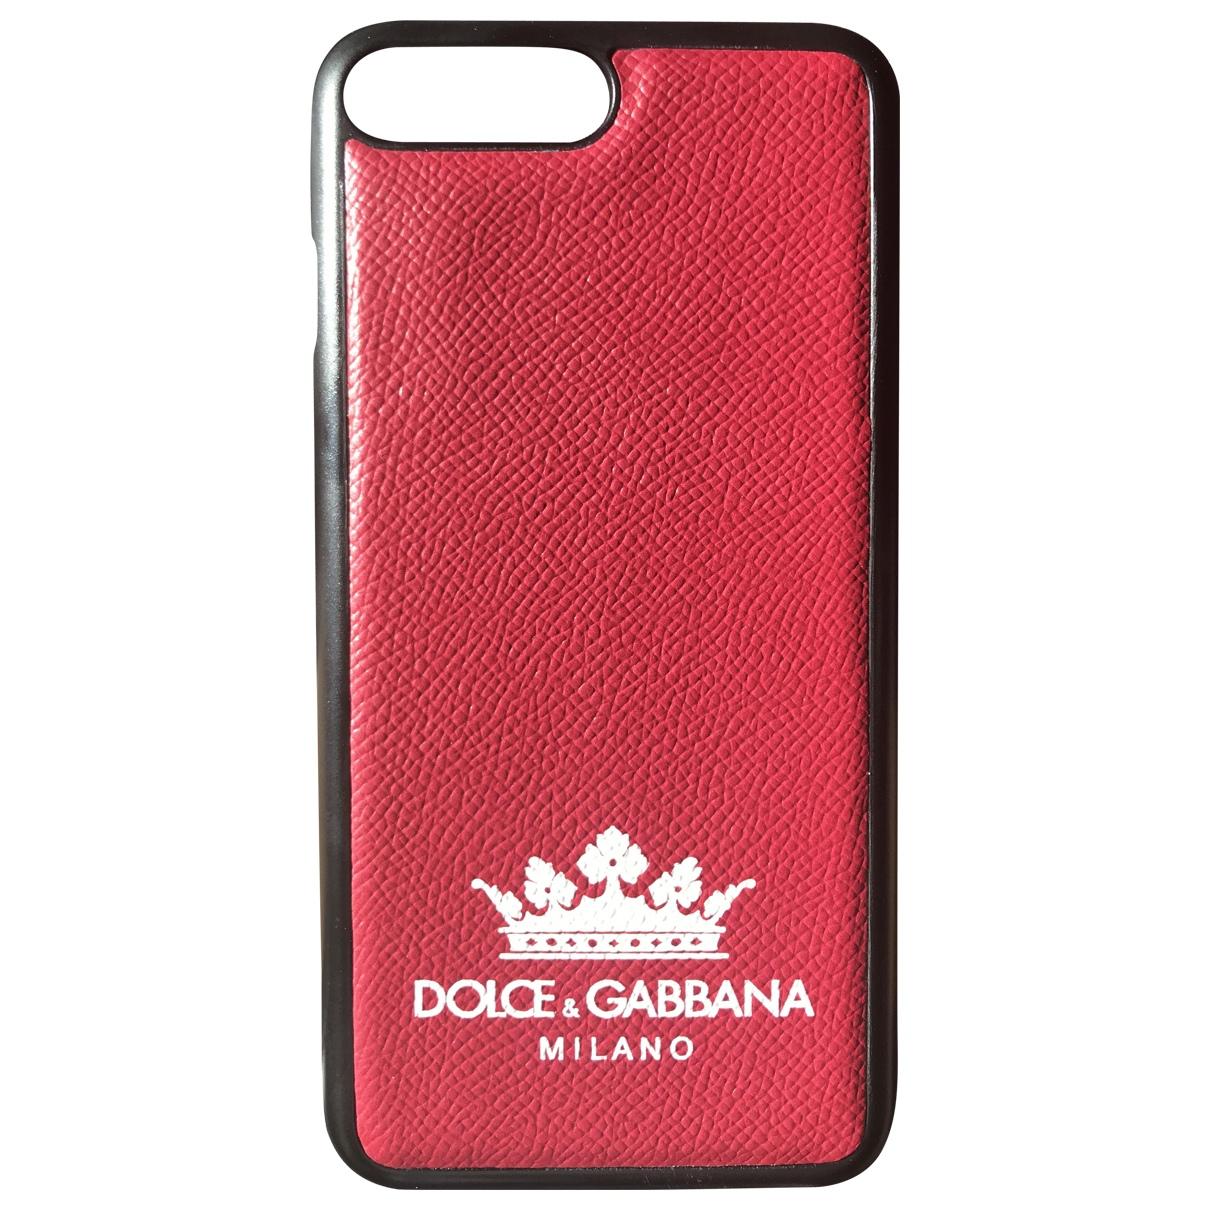 Accesorio tecnologico de Cuero Dolce & Gabbana